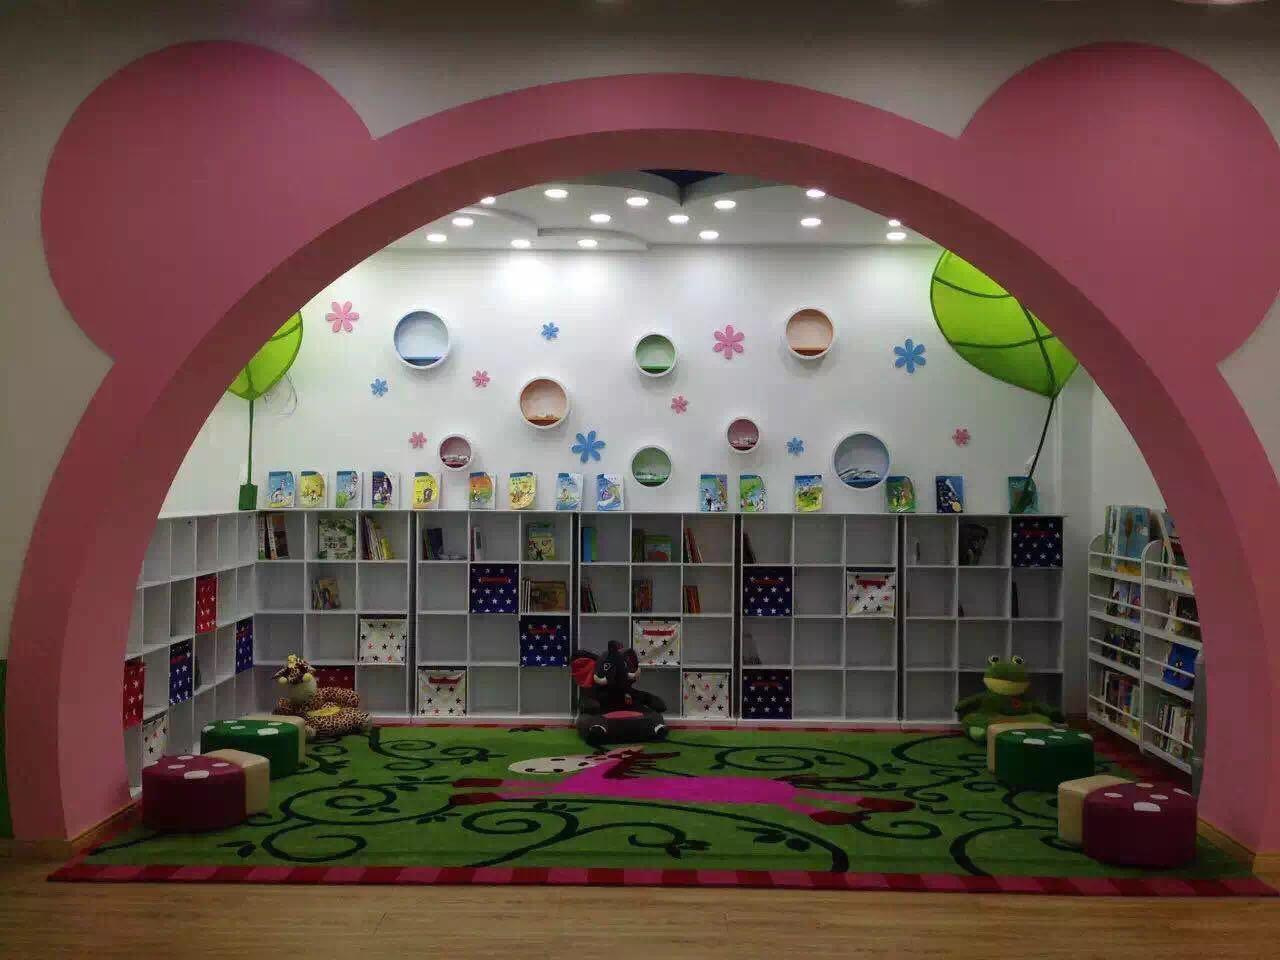 私立幼儿园